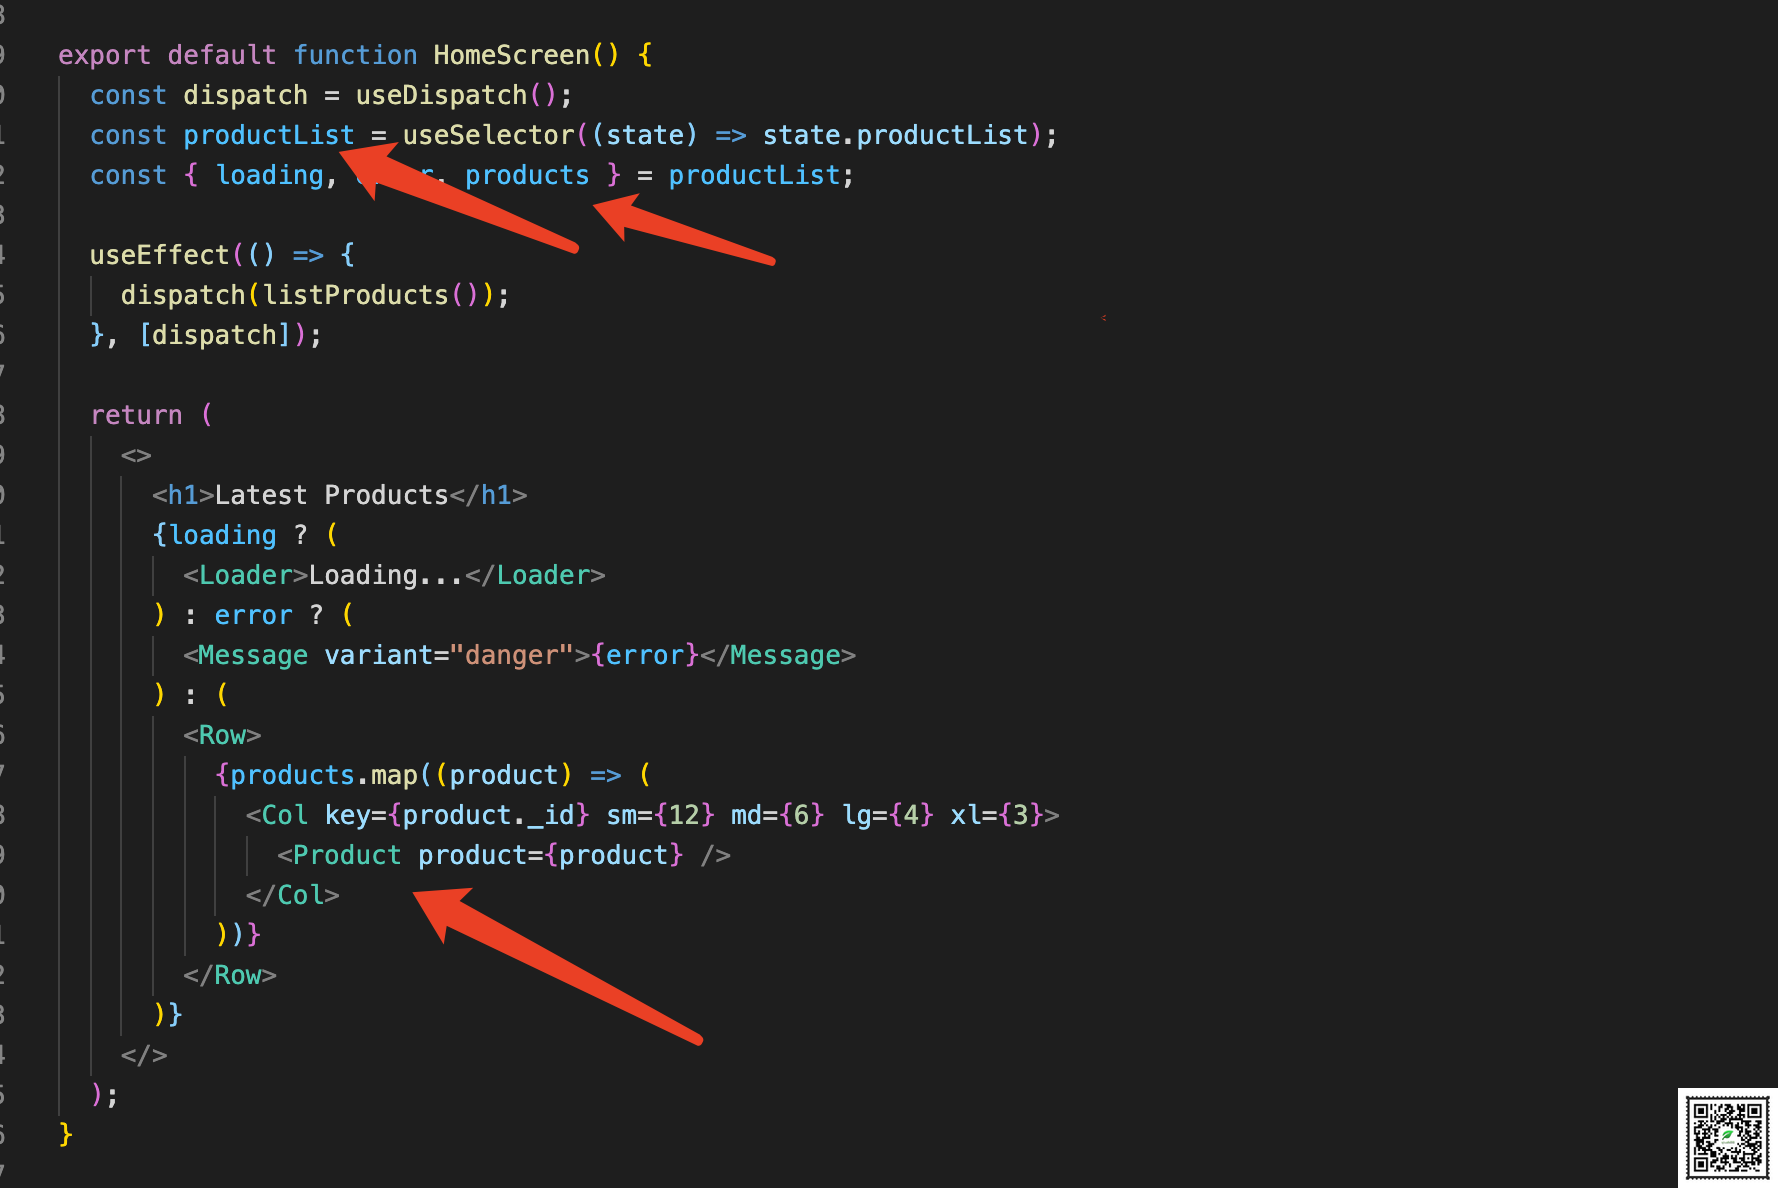 [分享]2021 年對 React 前端程式設計師的 10 個程式碼最佳實踐建議